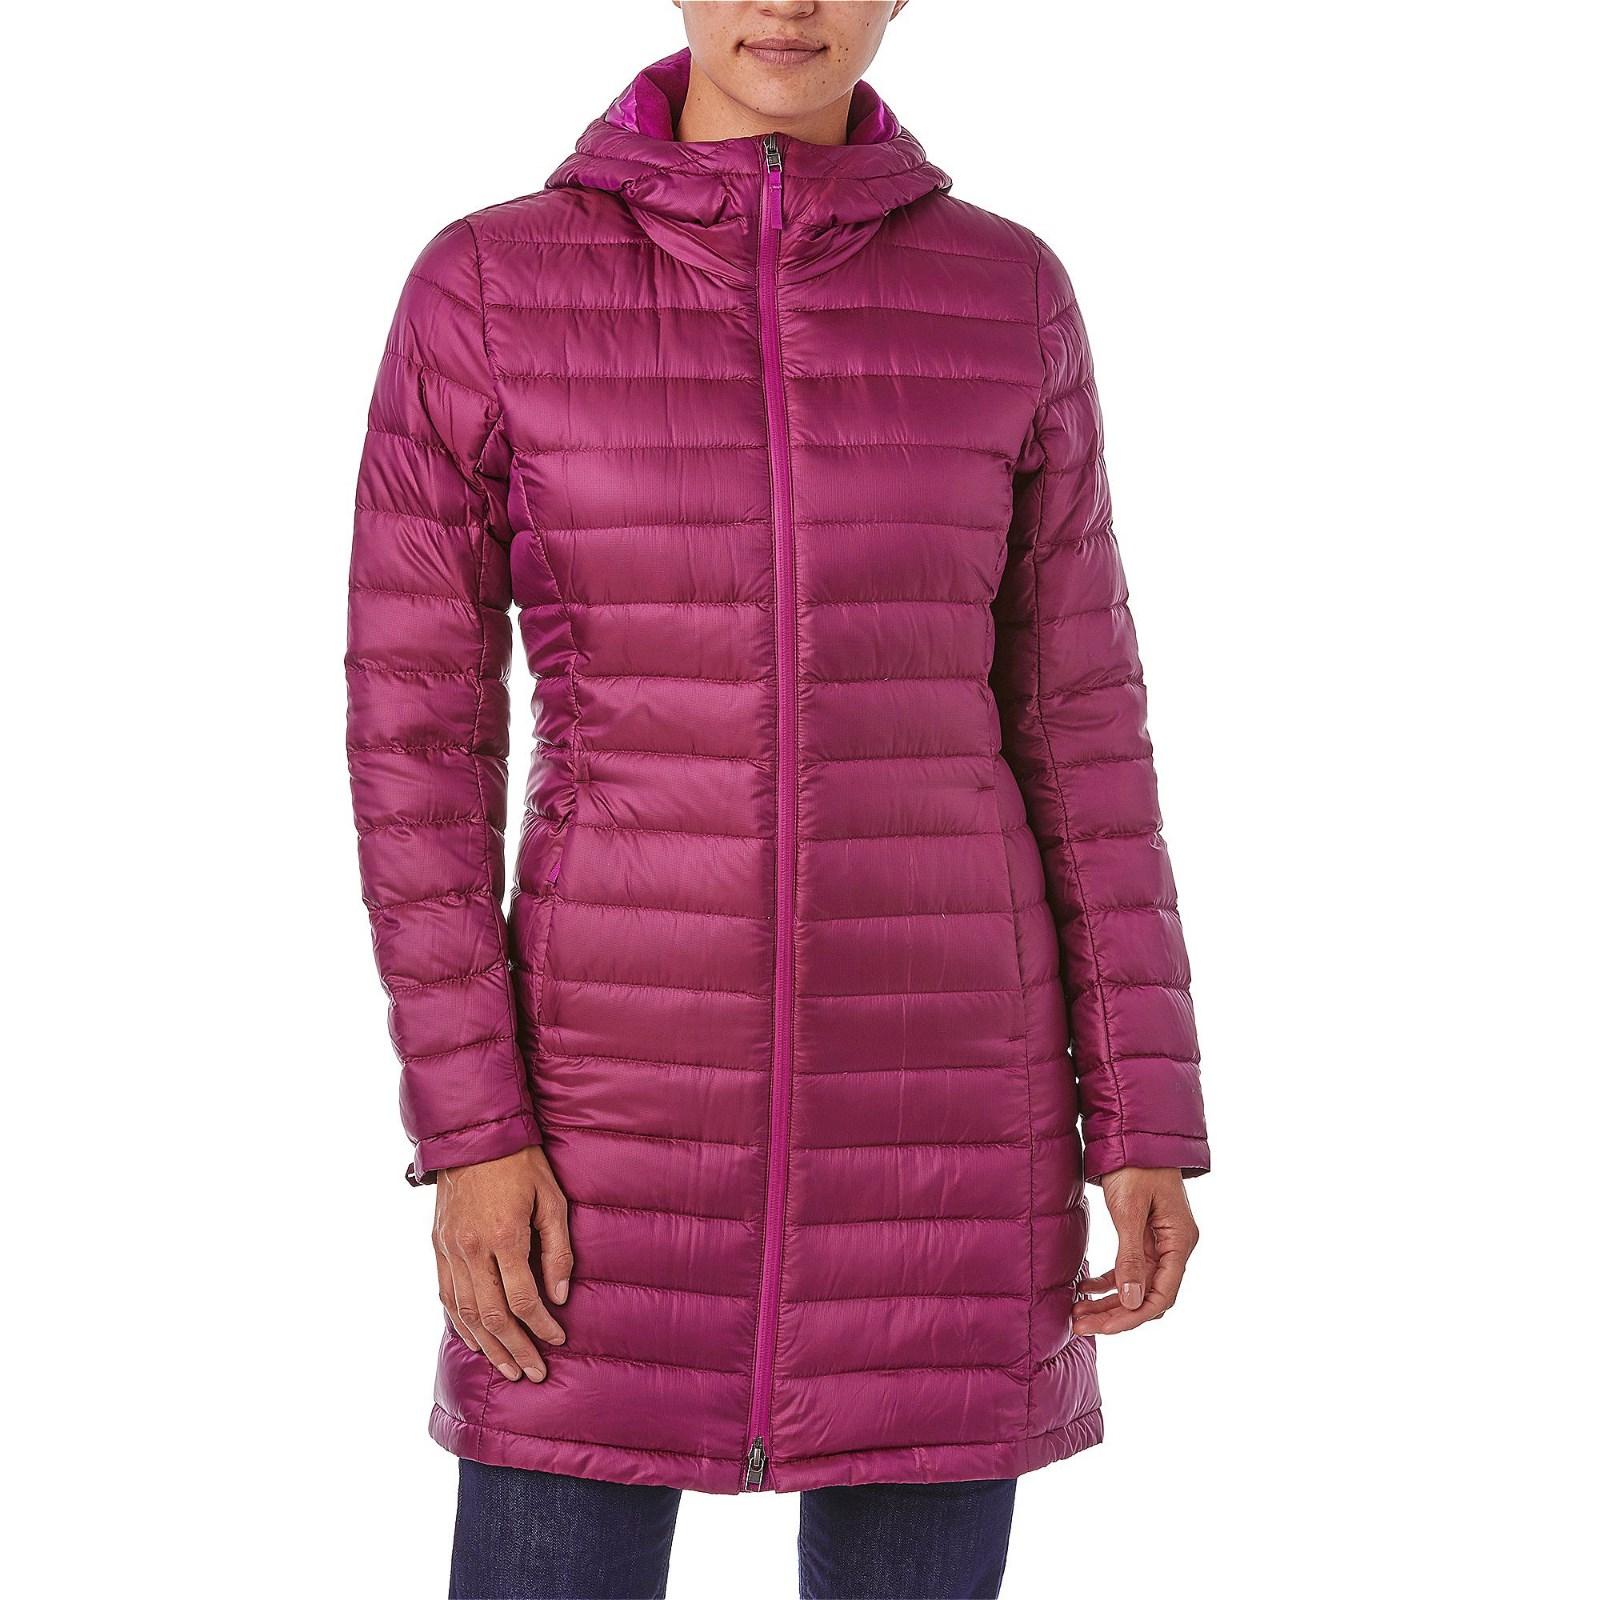 Women's Hooded Fiona Parka Manufacturers, Women's Hooded Fiona Parka Factory, Supply Women's Hooded Fiona Parka